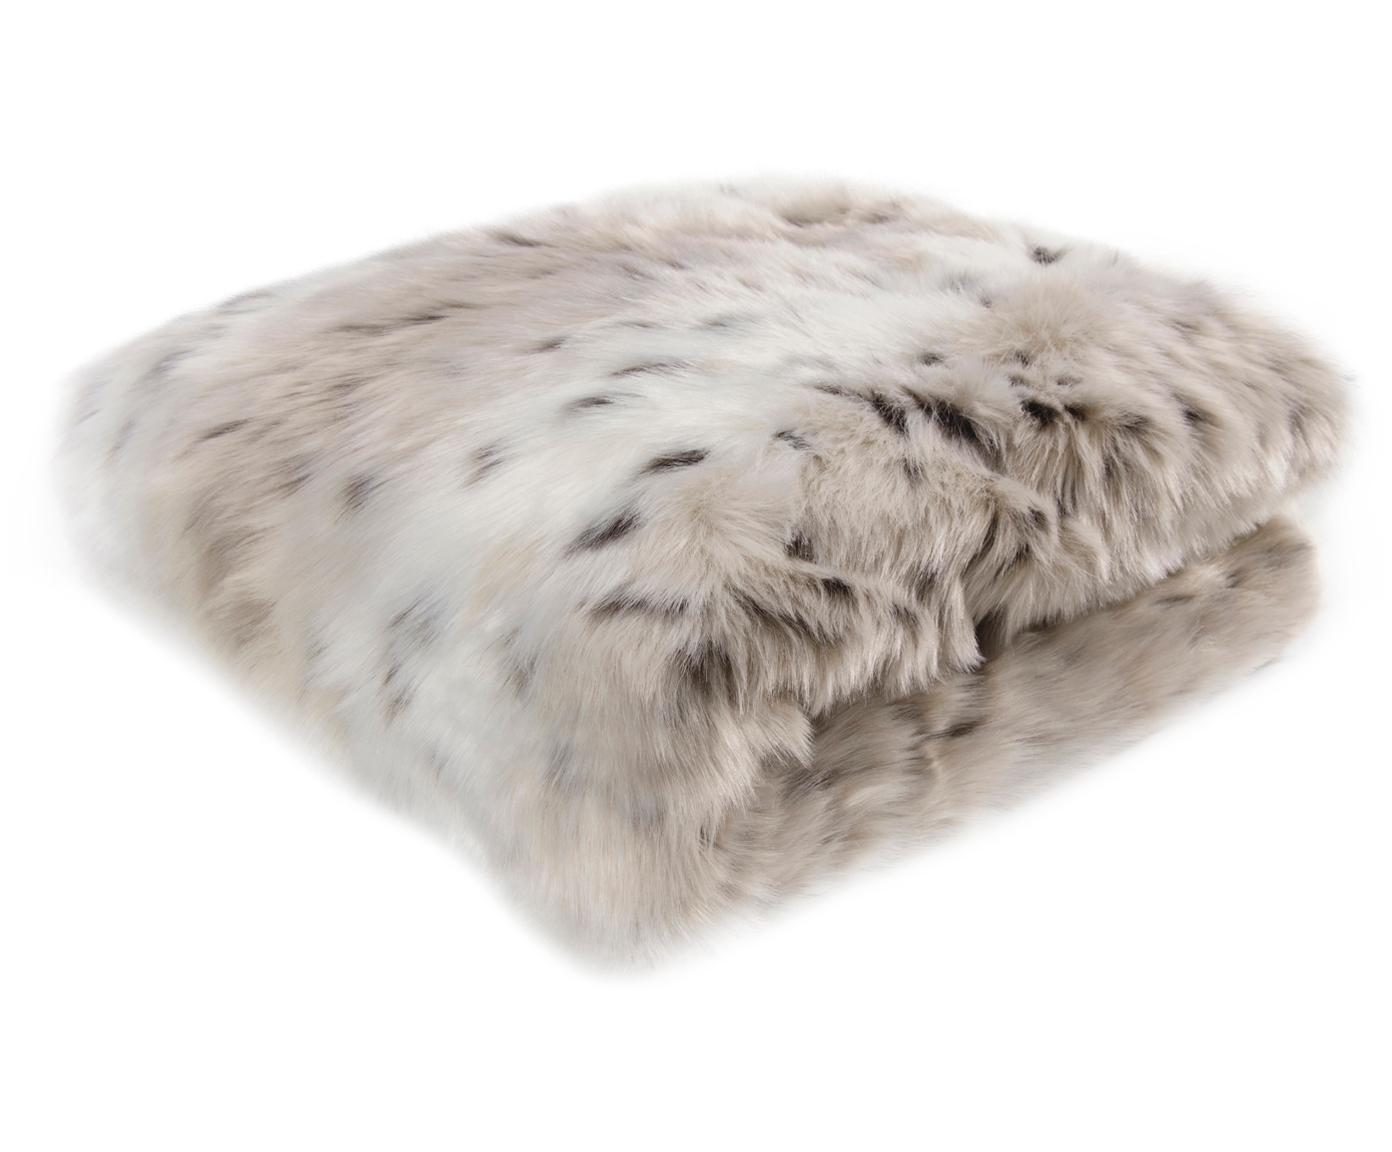 Plaid van kunstvacht Skins, Bovenzijde: 60% acryl, 40% polyester , Onderzijde: polyesterfluweel, Bovenzijde: wit, lichtbruin, bruin. Onderzijde: ivoorkleurig, 150 x 200 cm